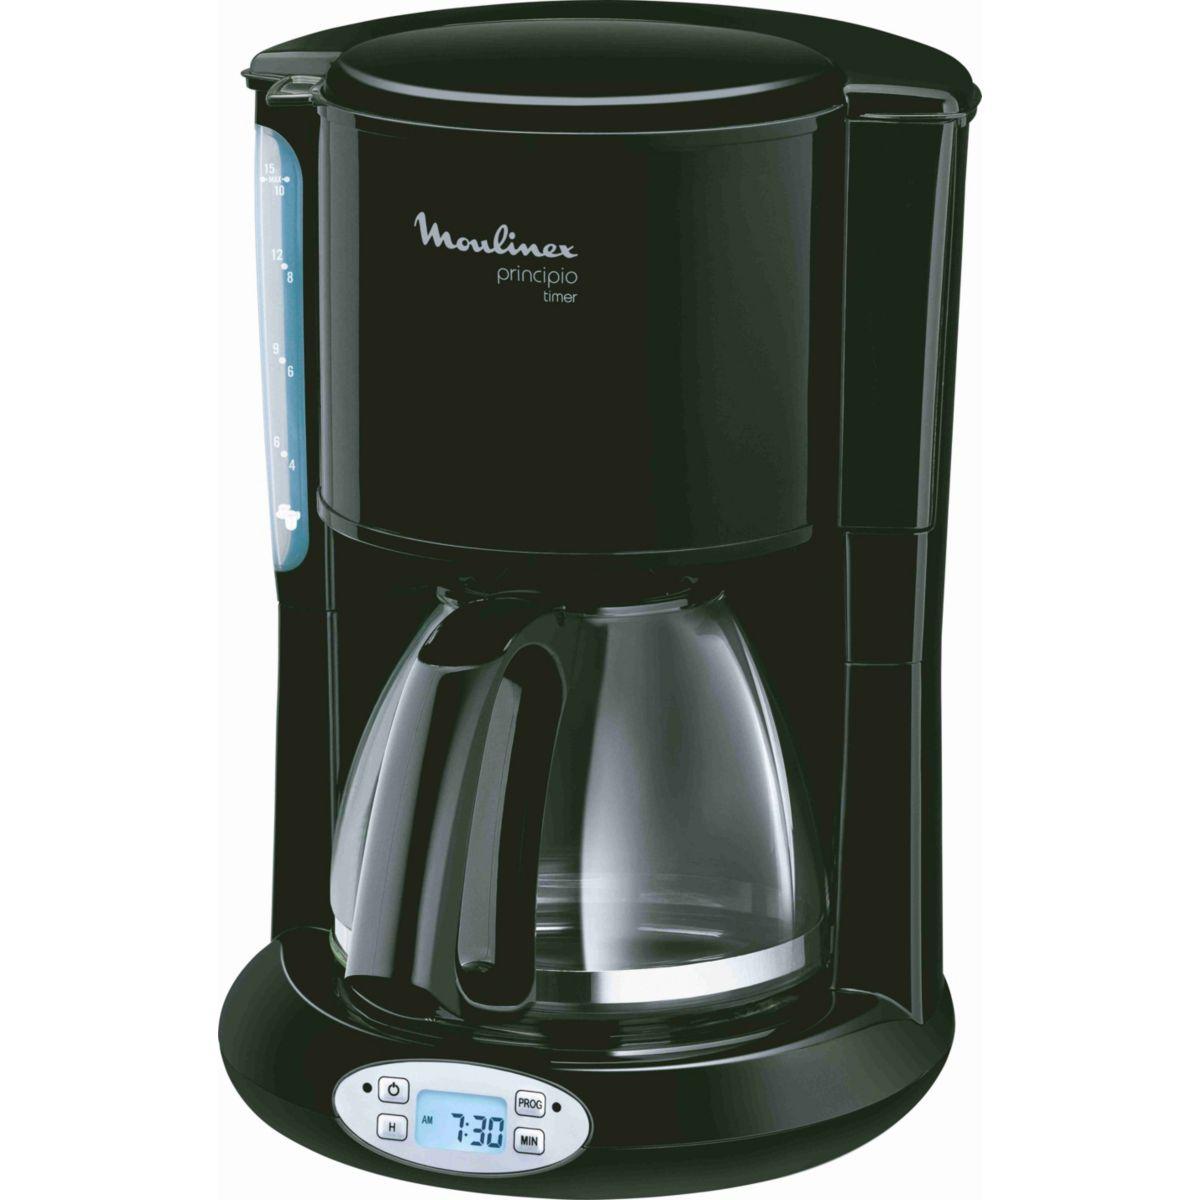 Cafeti�re programmable moulinex fg262810 principio noire (photo)